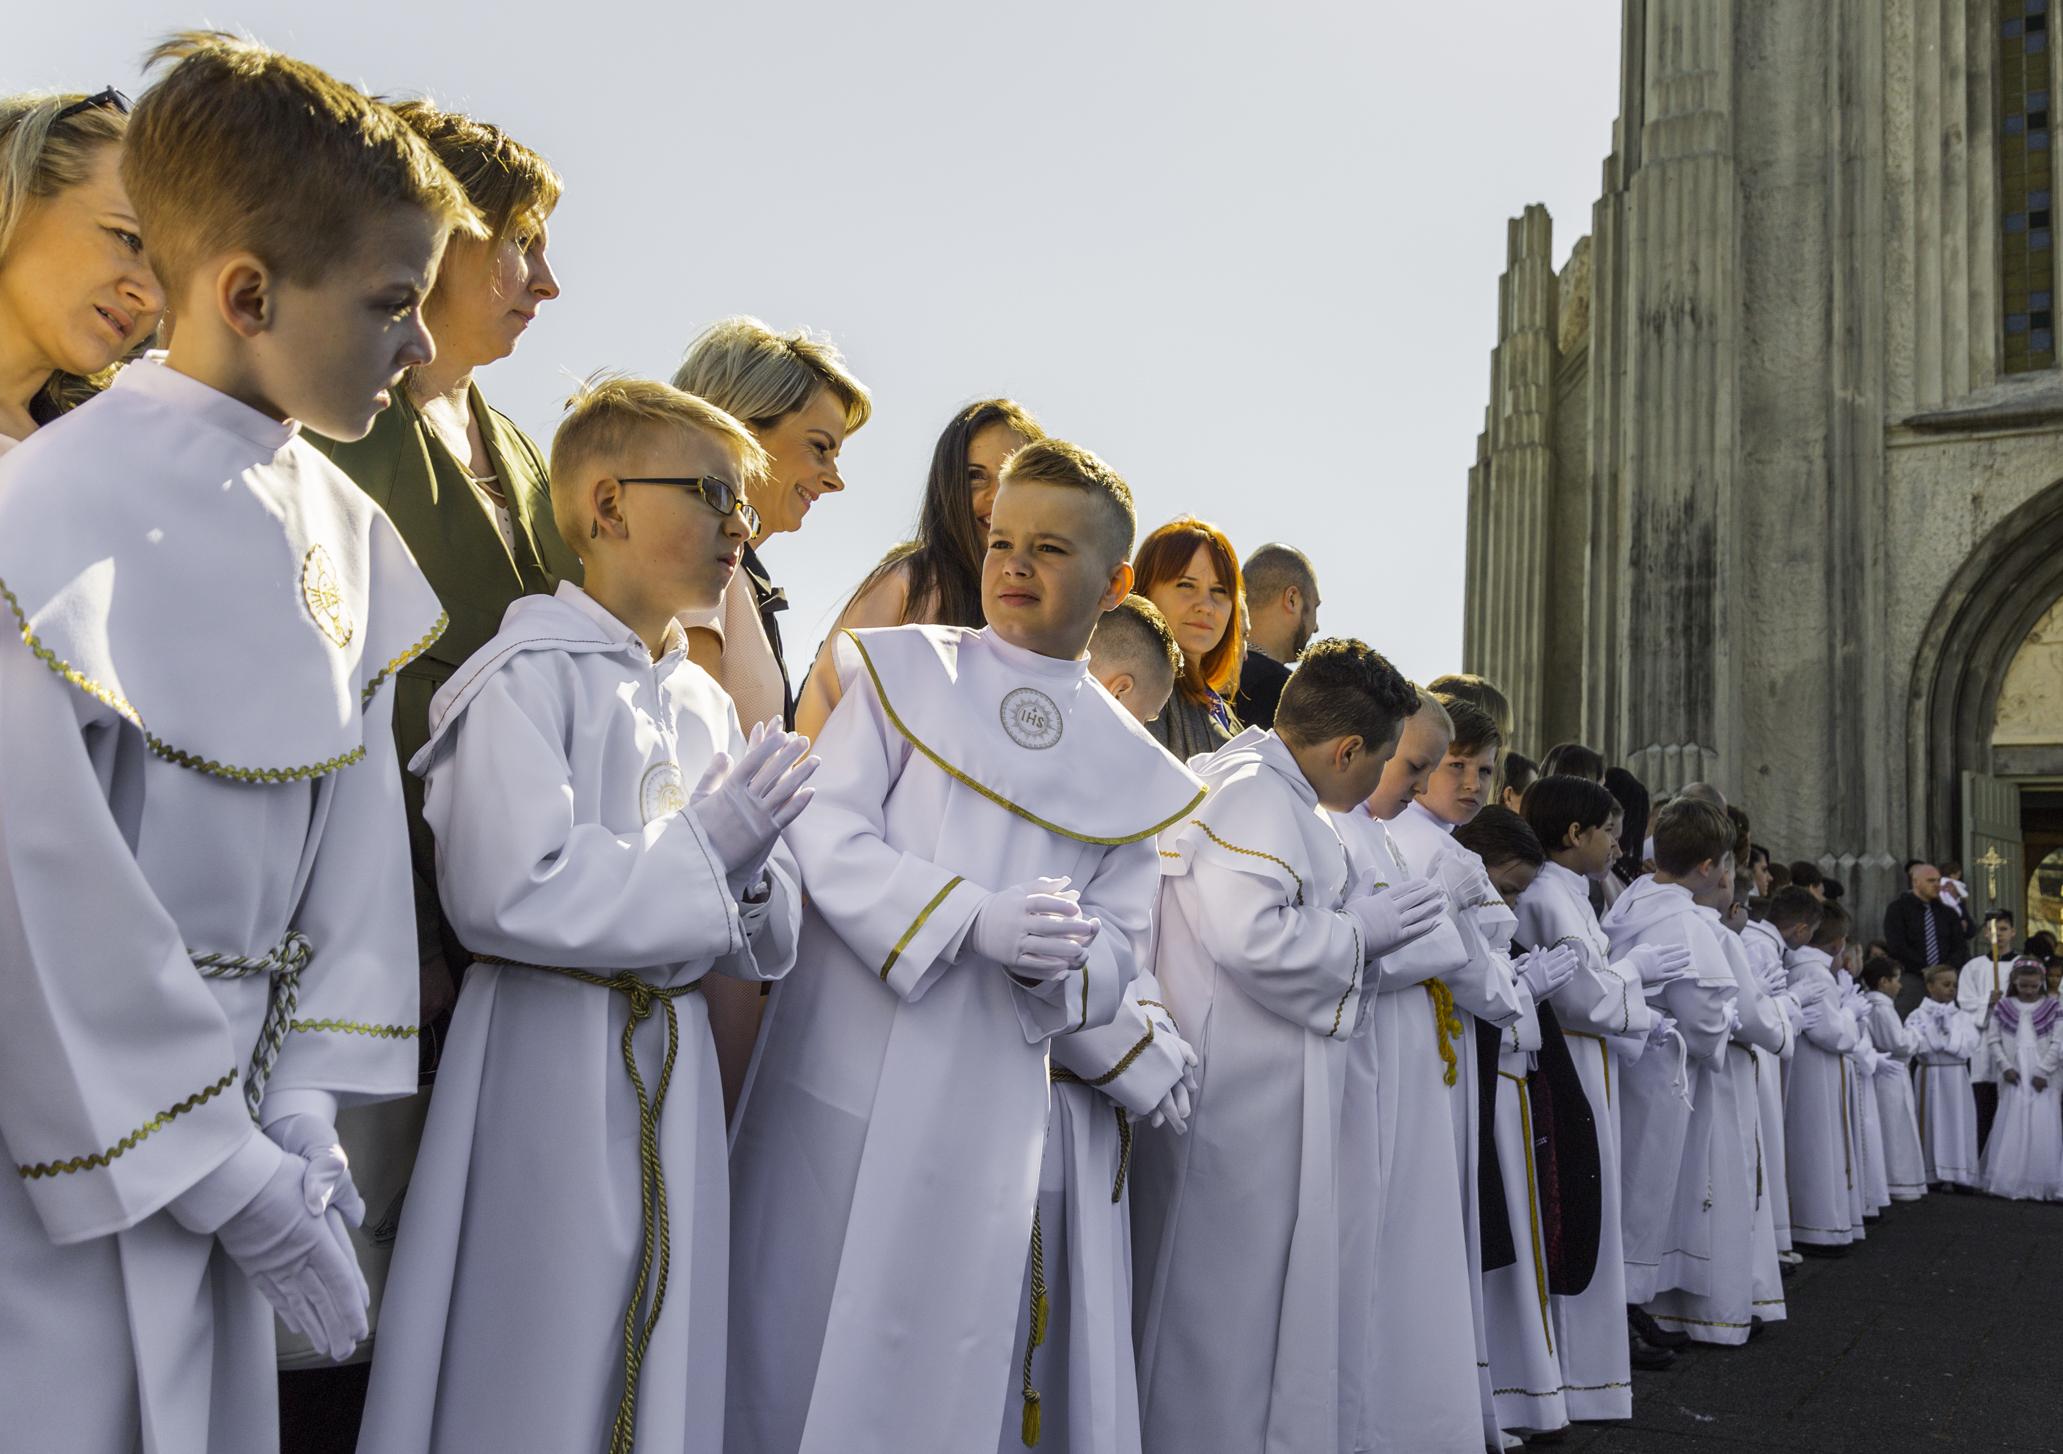 Holy Communion in Reykjavik 2017